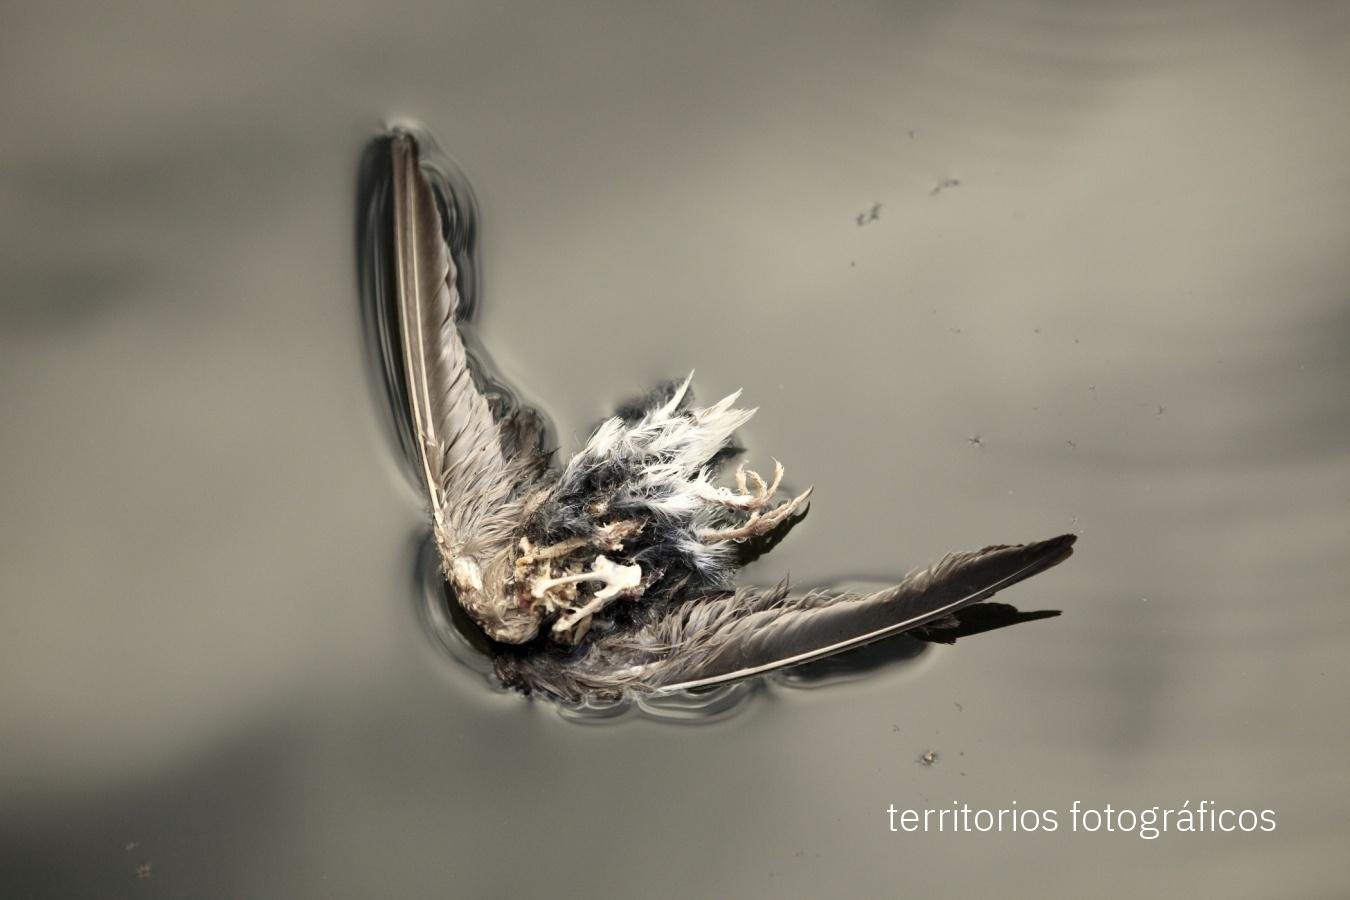 death - personal visions - territorios fotográficos